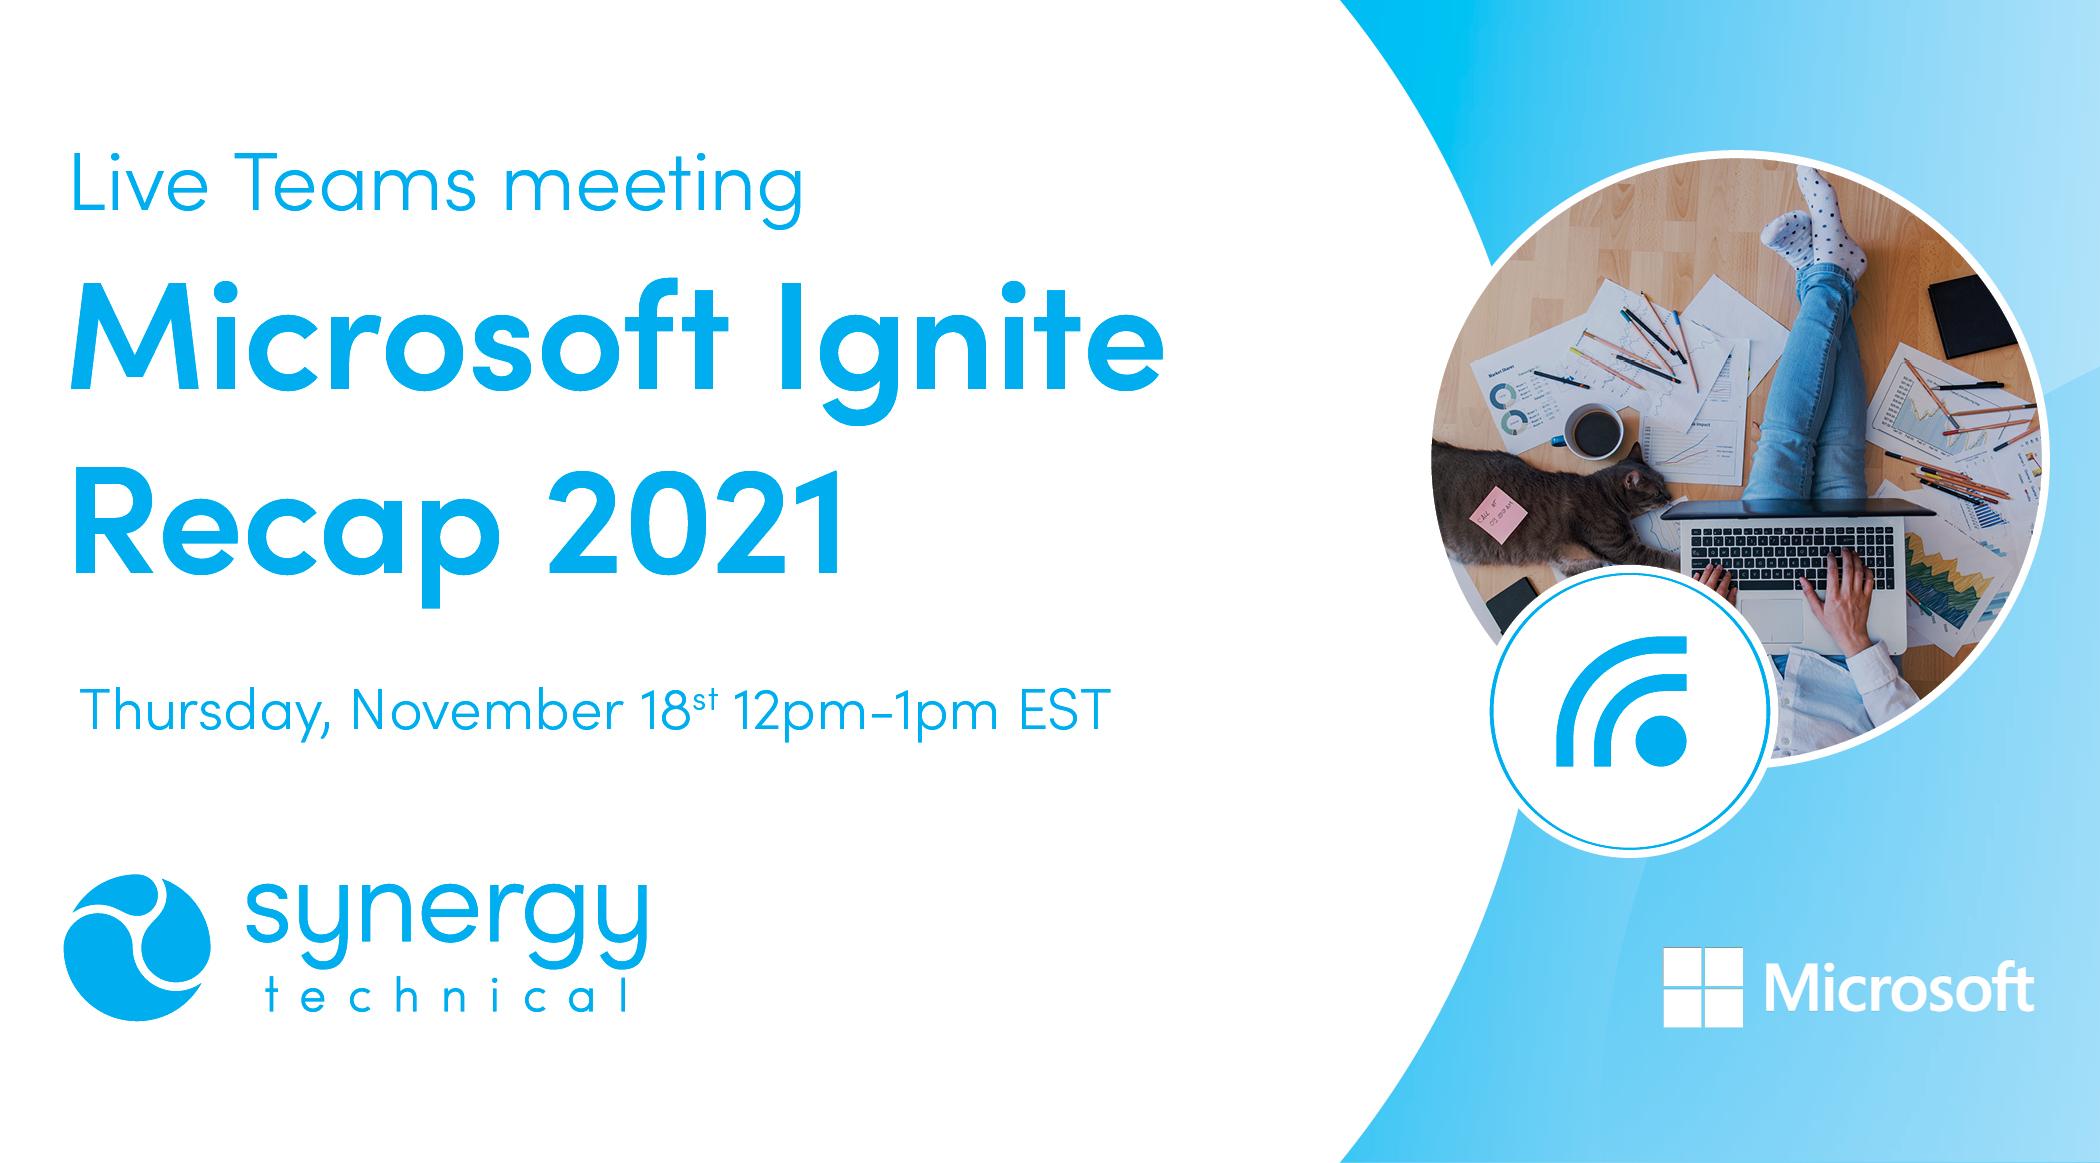 Microsoft Ignite Recap 2021